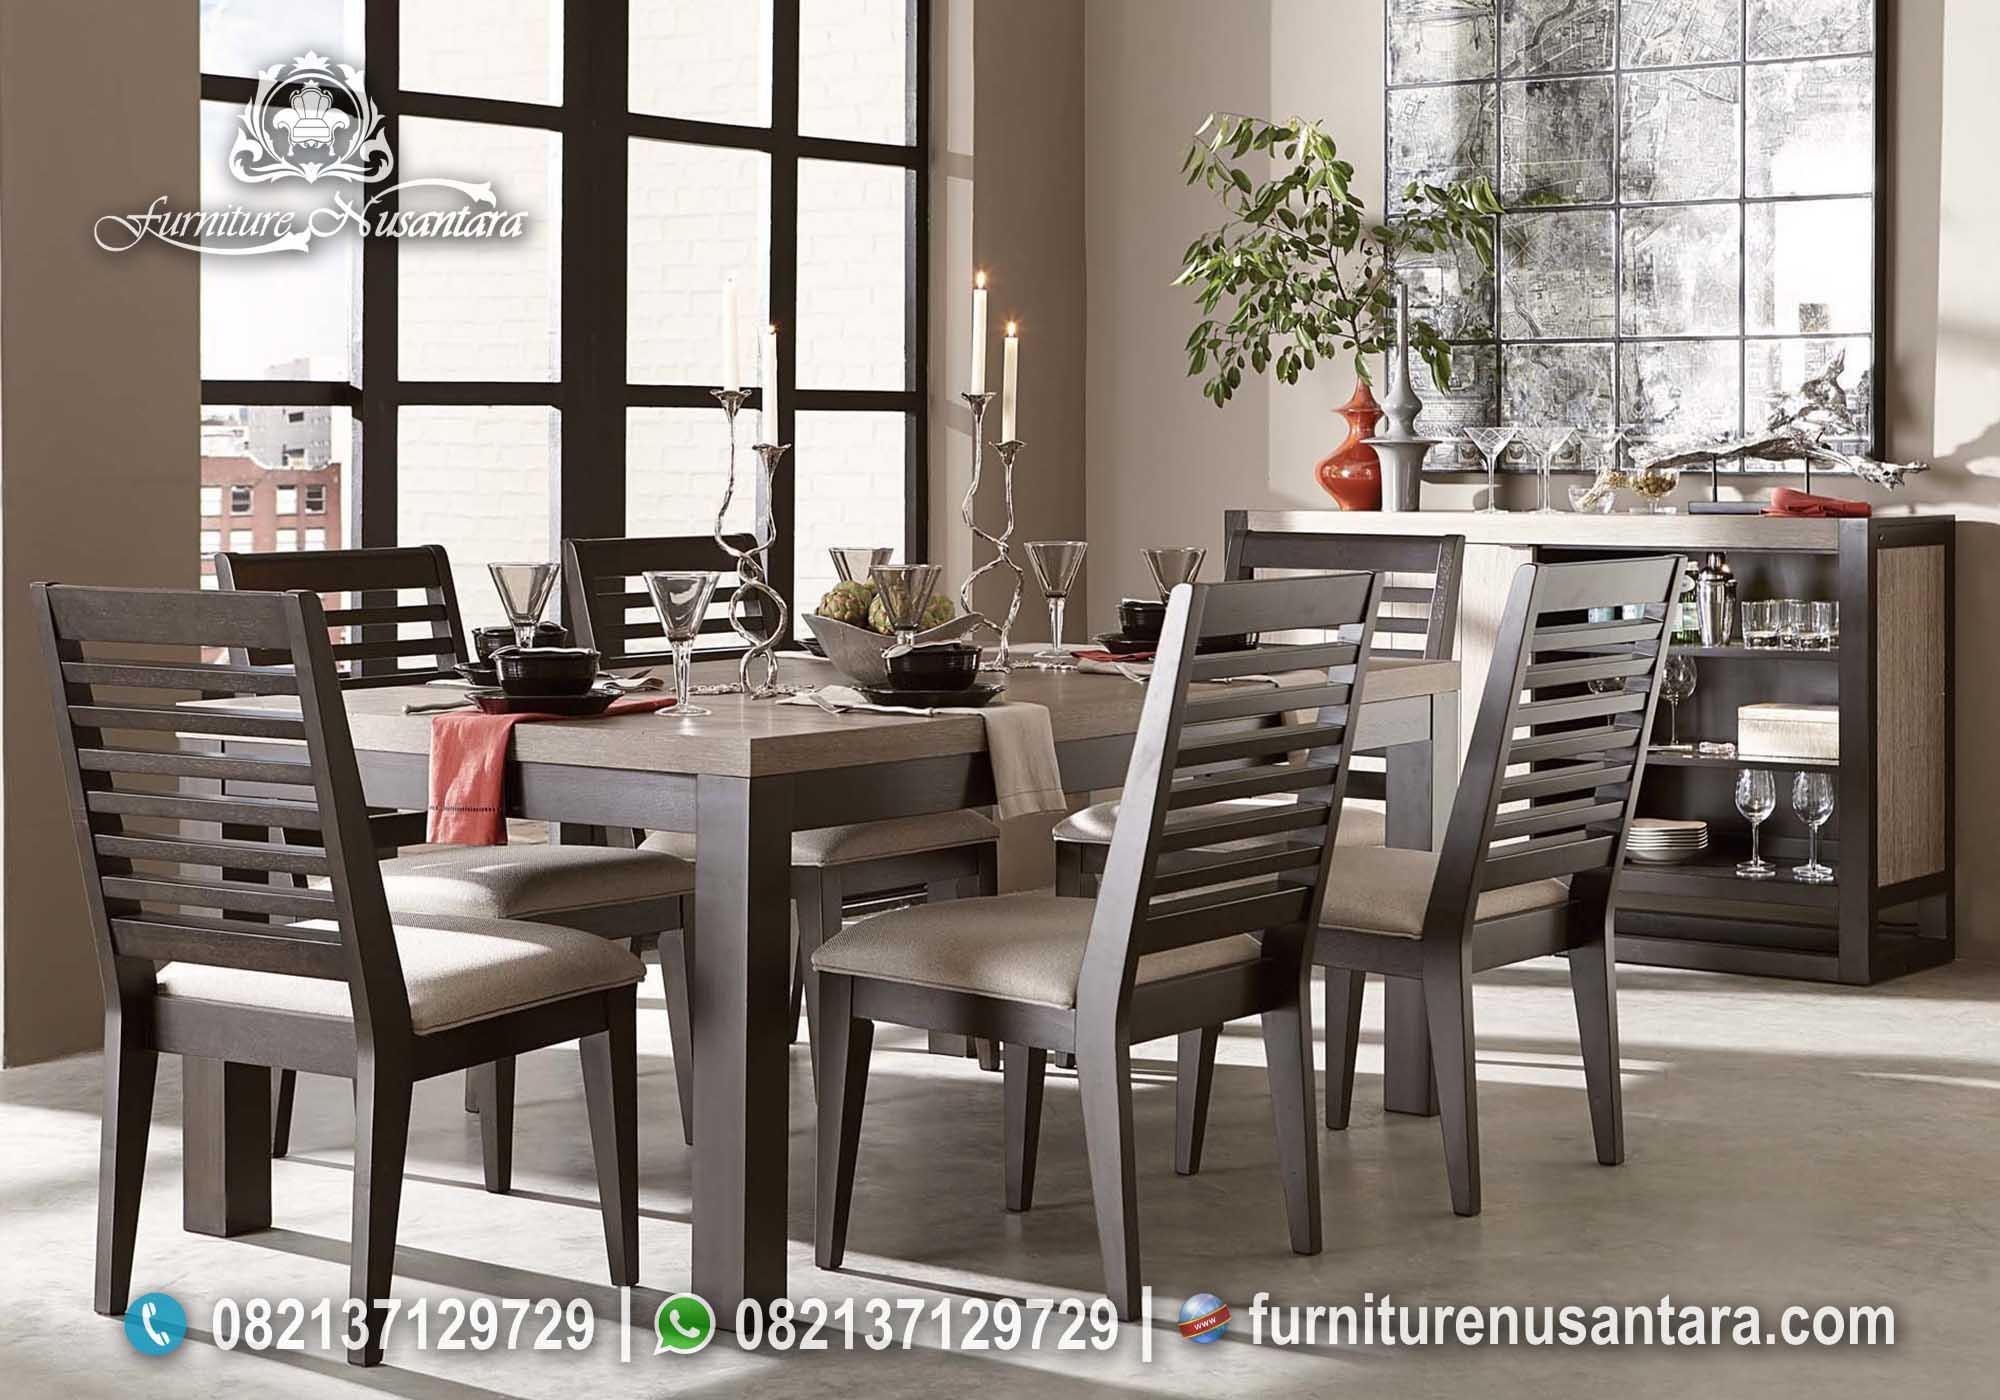 Desain Meja Makan Cafe Dan Restoran MM-102